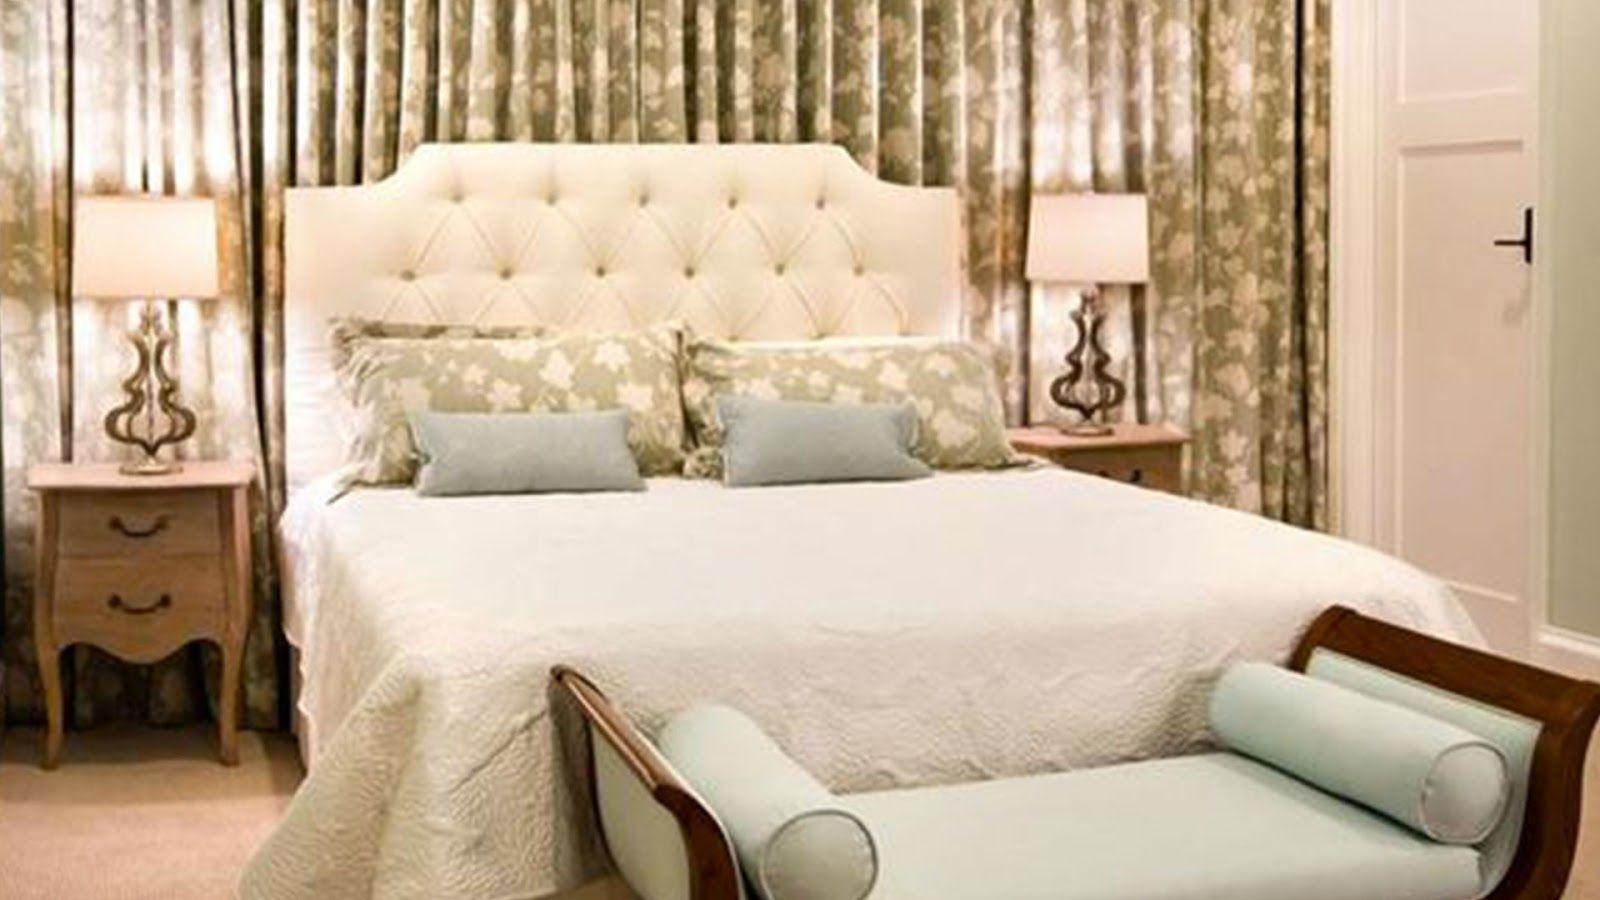 Gelten Romantisches Schlafzimmer Ideen Für Romantische